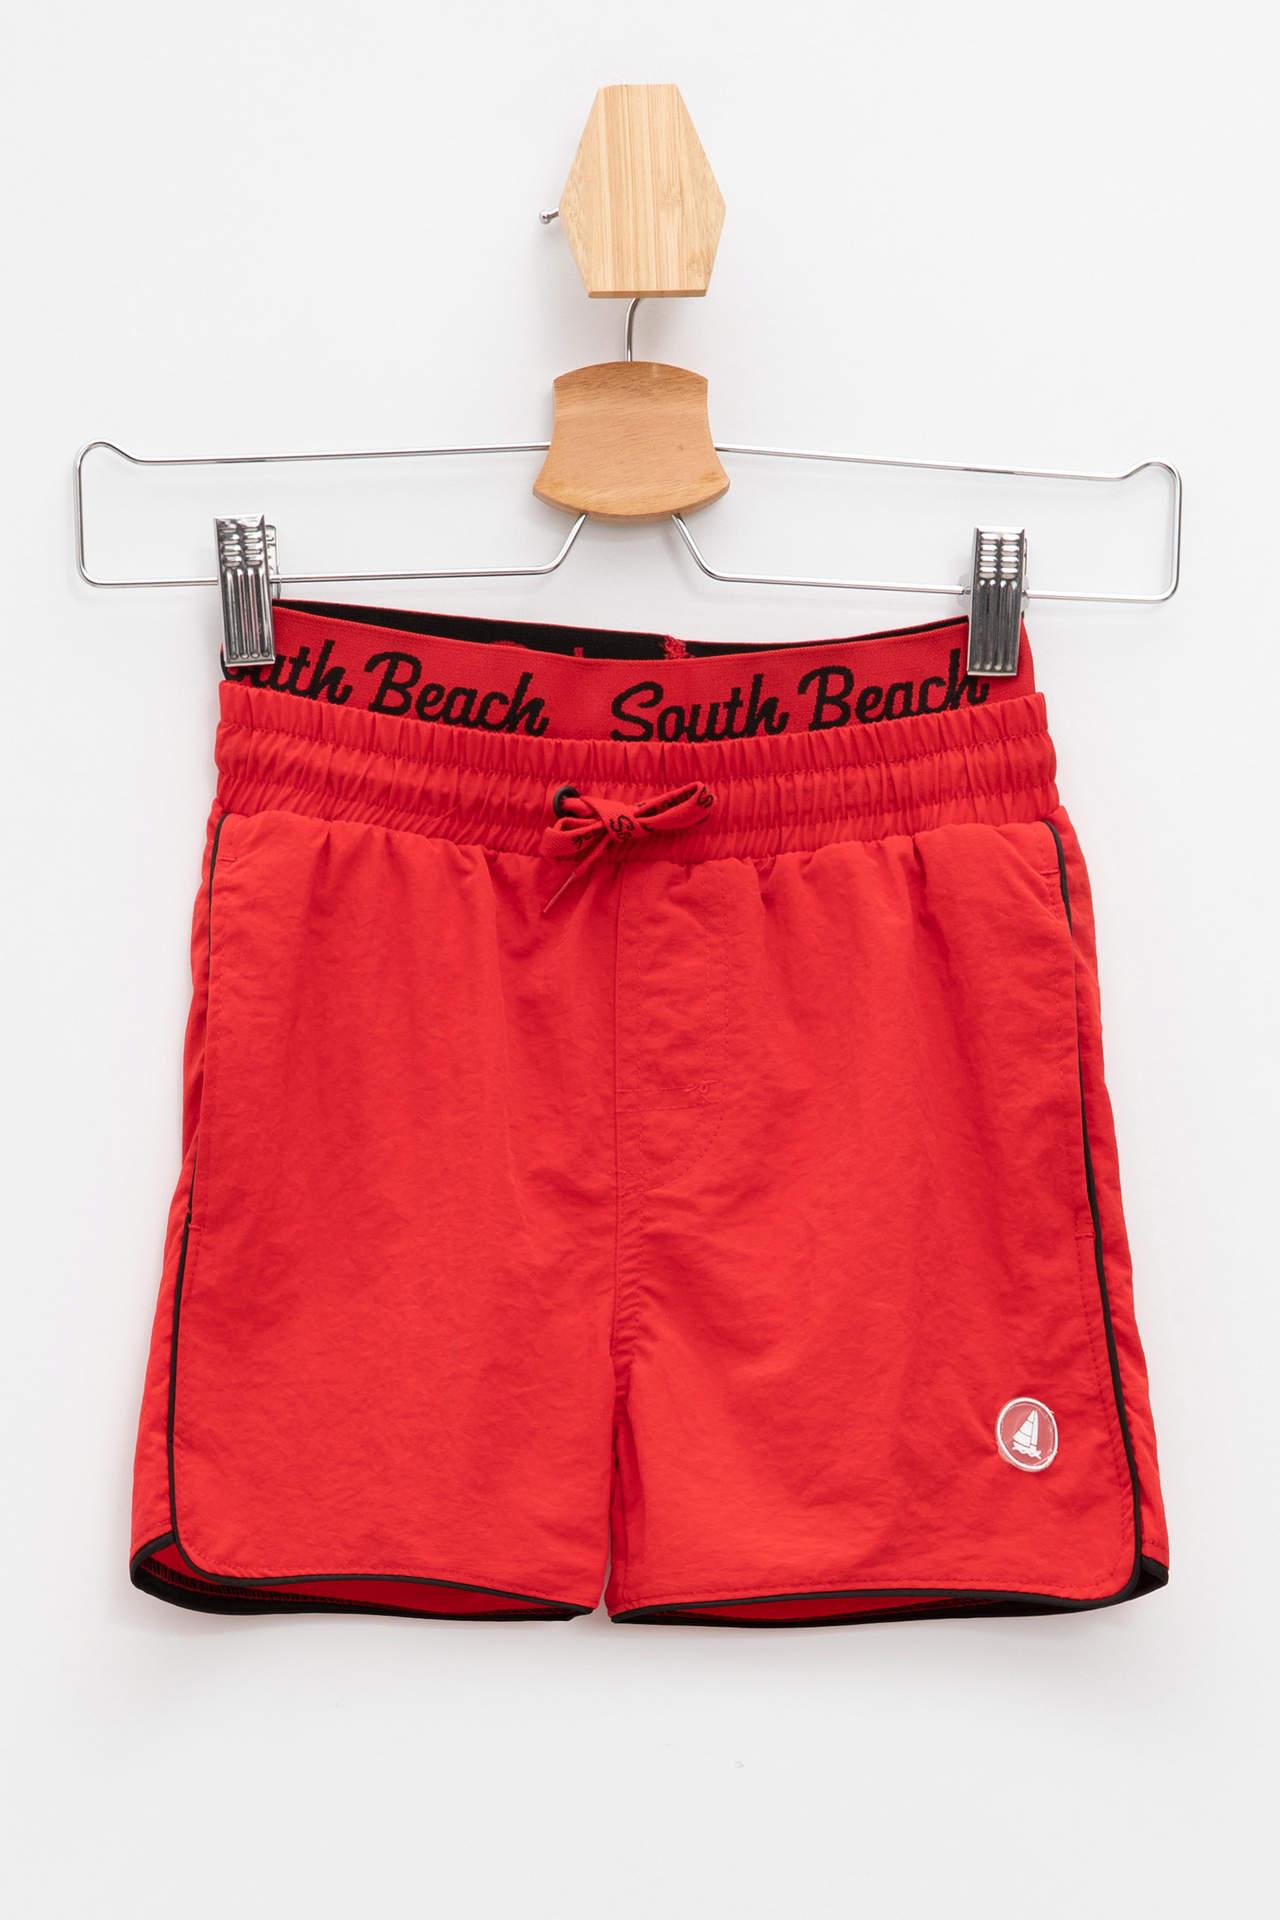 DeFacto Erkek Çocuk Beli Boxer Lastikli Yüzme Şortu Kırmızı male